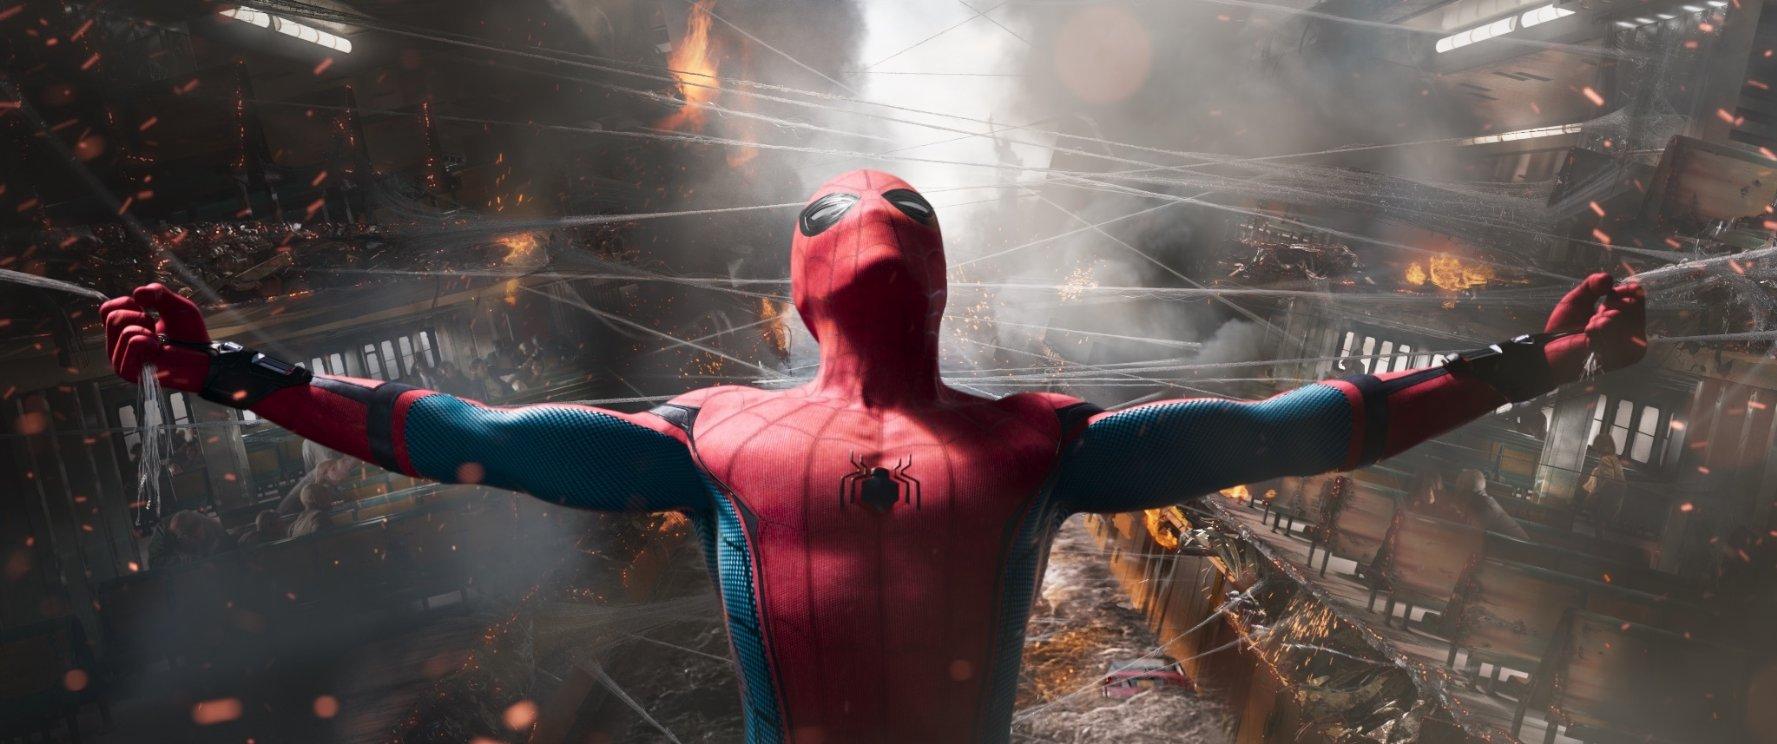 «Зрелищный фильм на один раз»: вышли первые рецензии на фильм «Человек-паук: Возвращение домой» 1